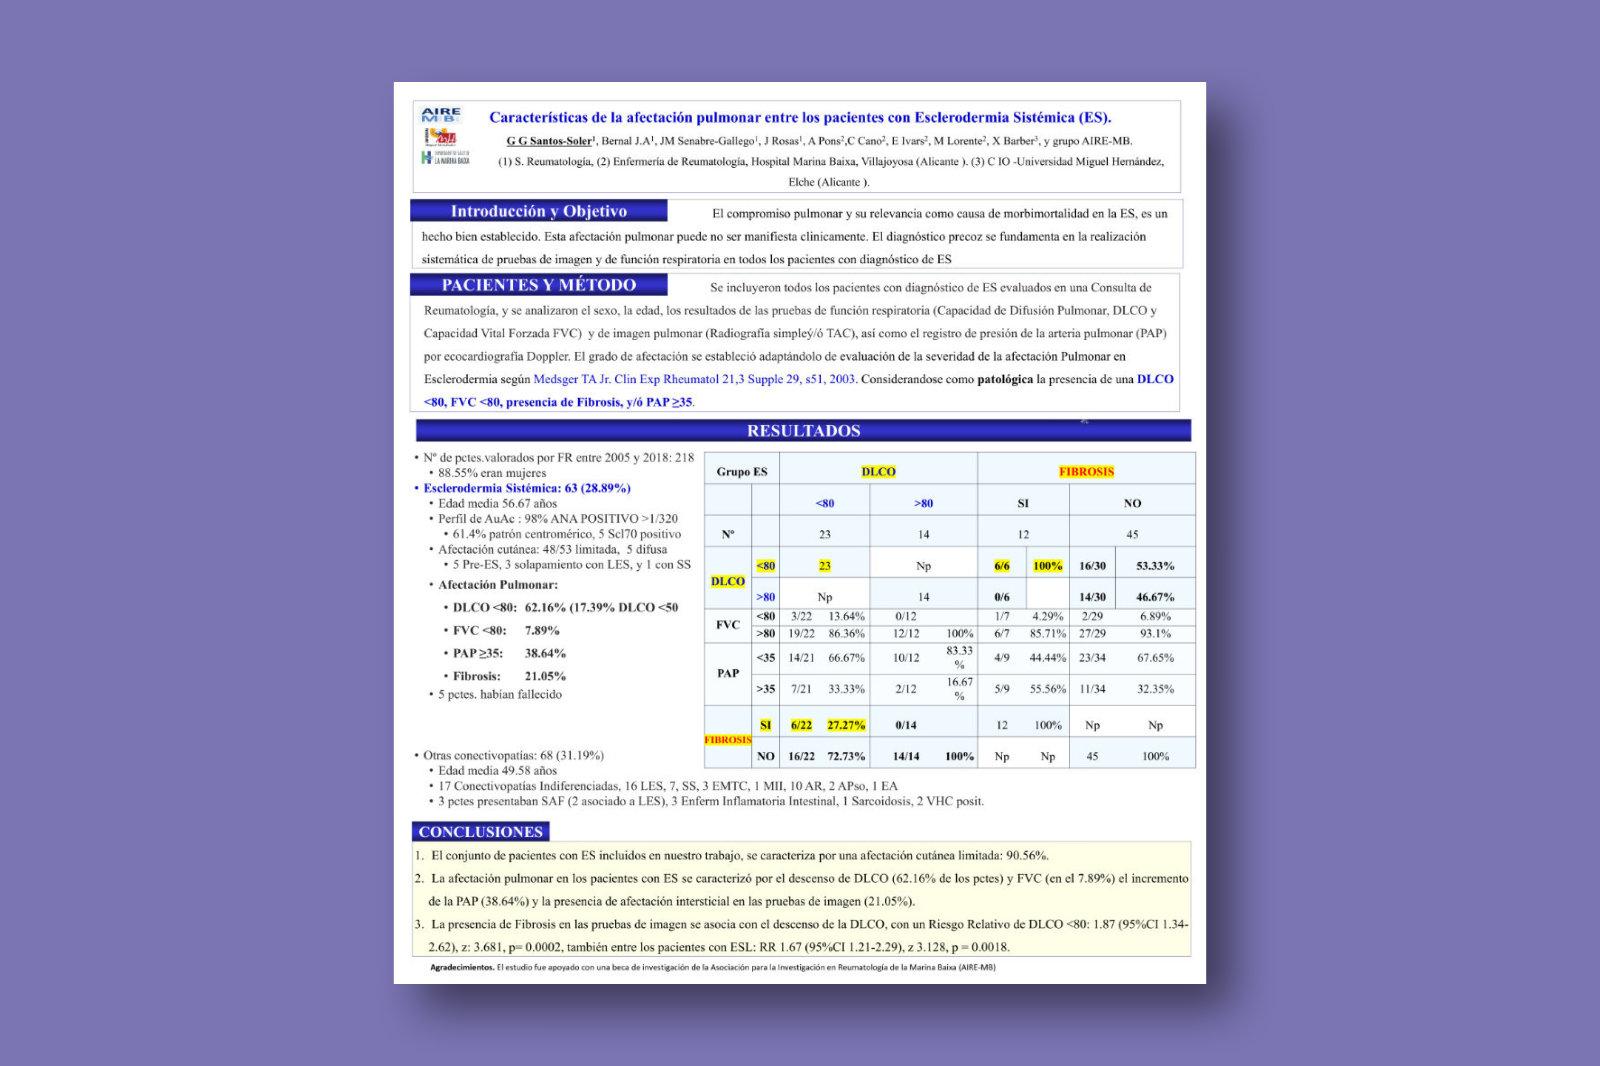 Características de la afectación pulmonar entre los pacientes con esclerodermia sistémica (ES)